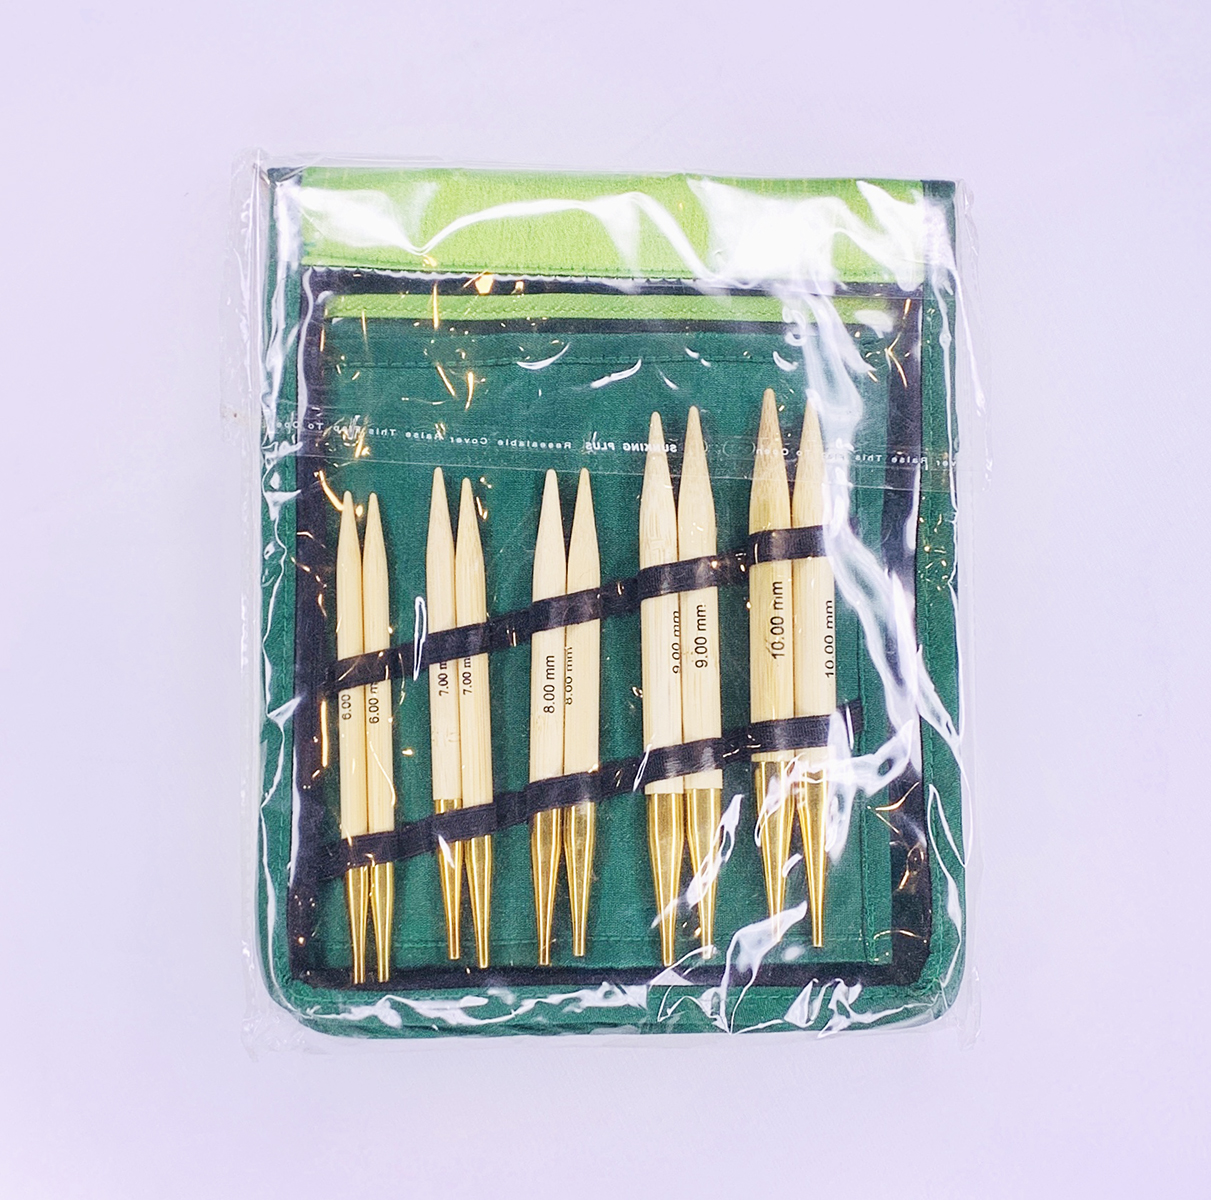 【Bamboo】☆付け替え可能輪針 チャンキー(太編み)セット【海外サイズ】